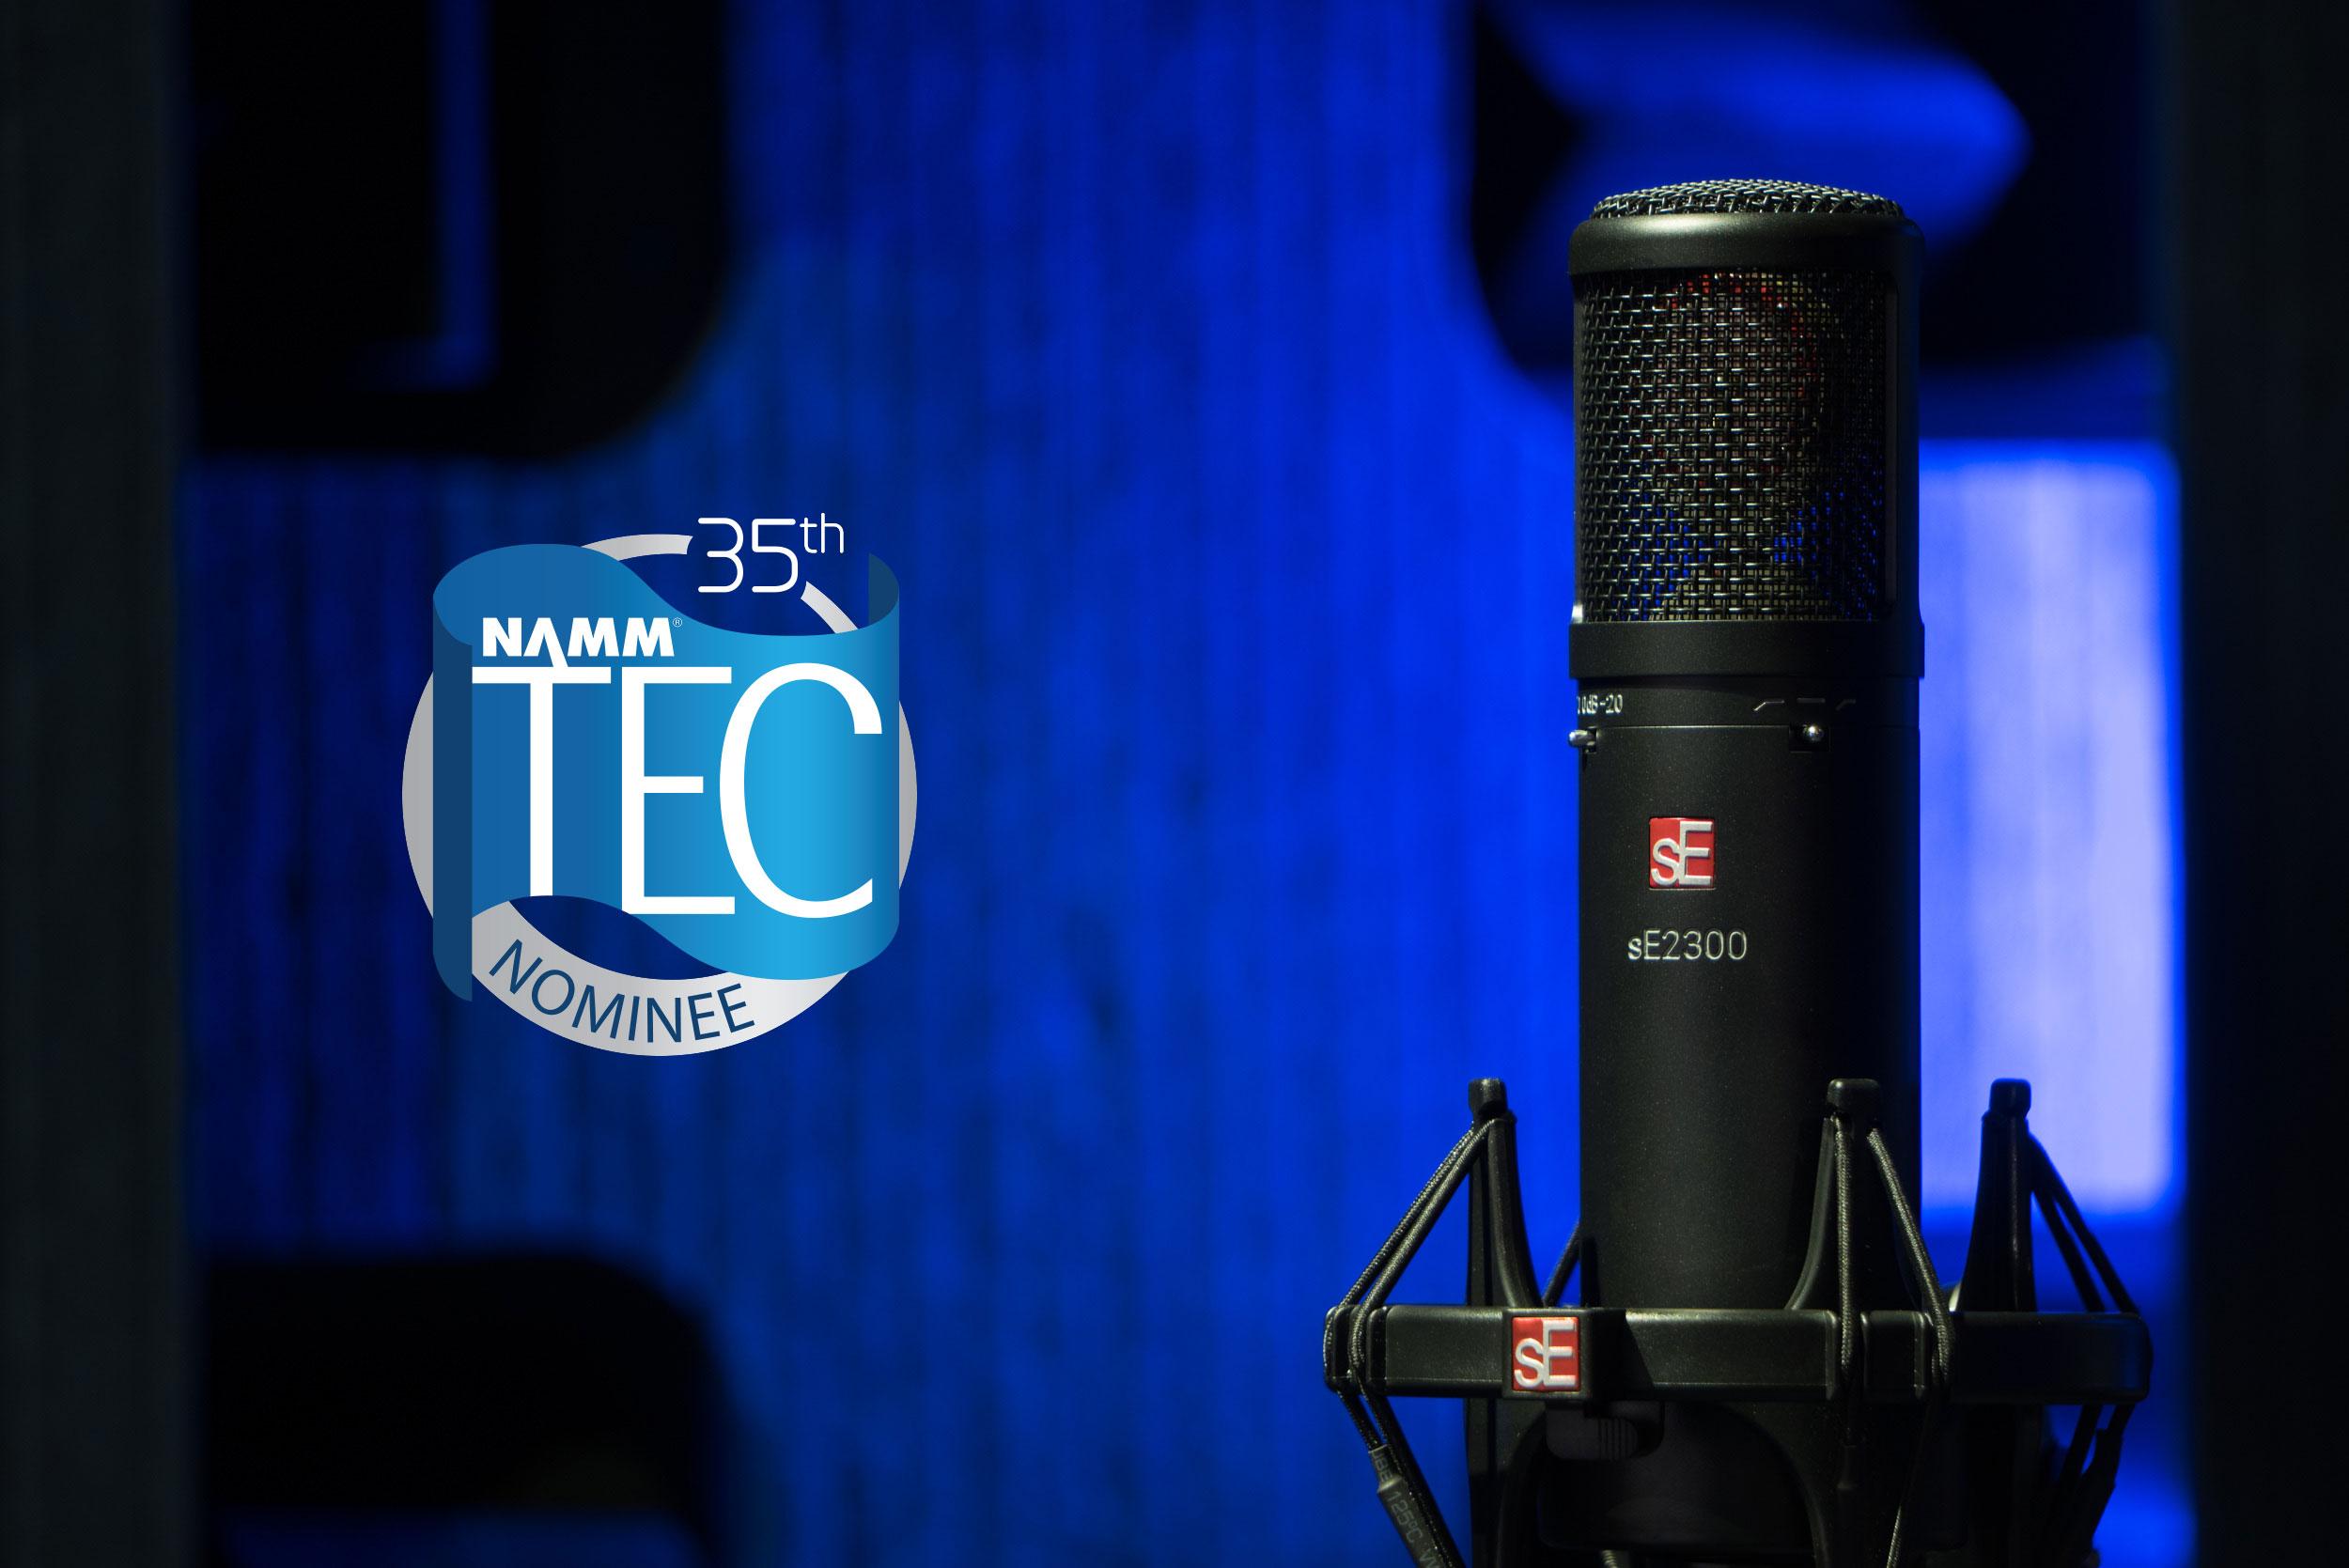 sE2300-TEC-nomination2.jpg